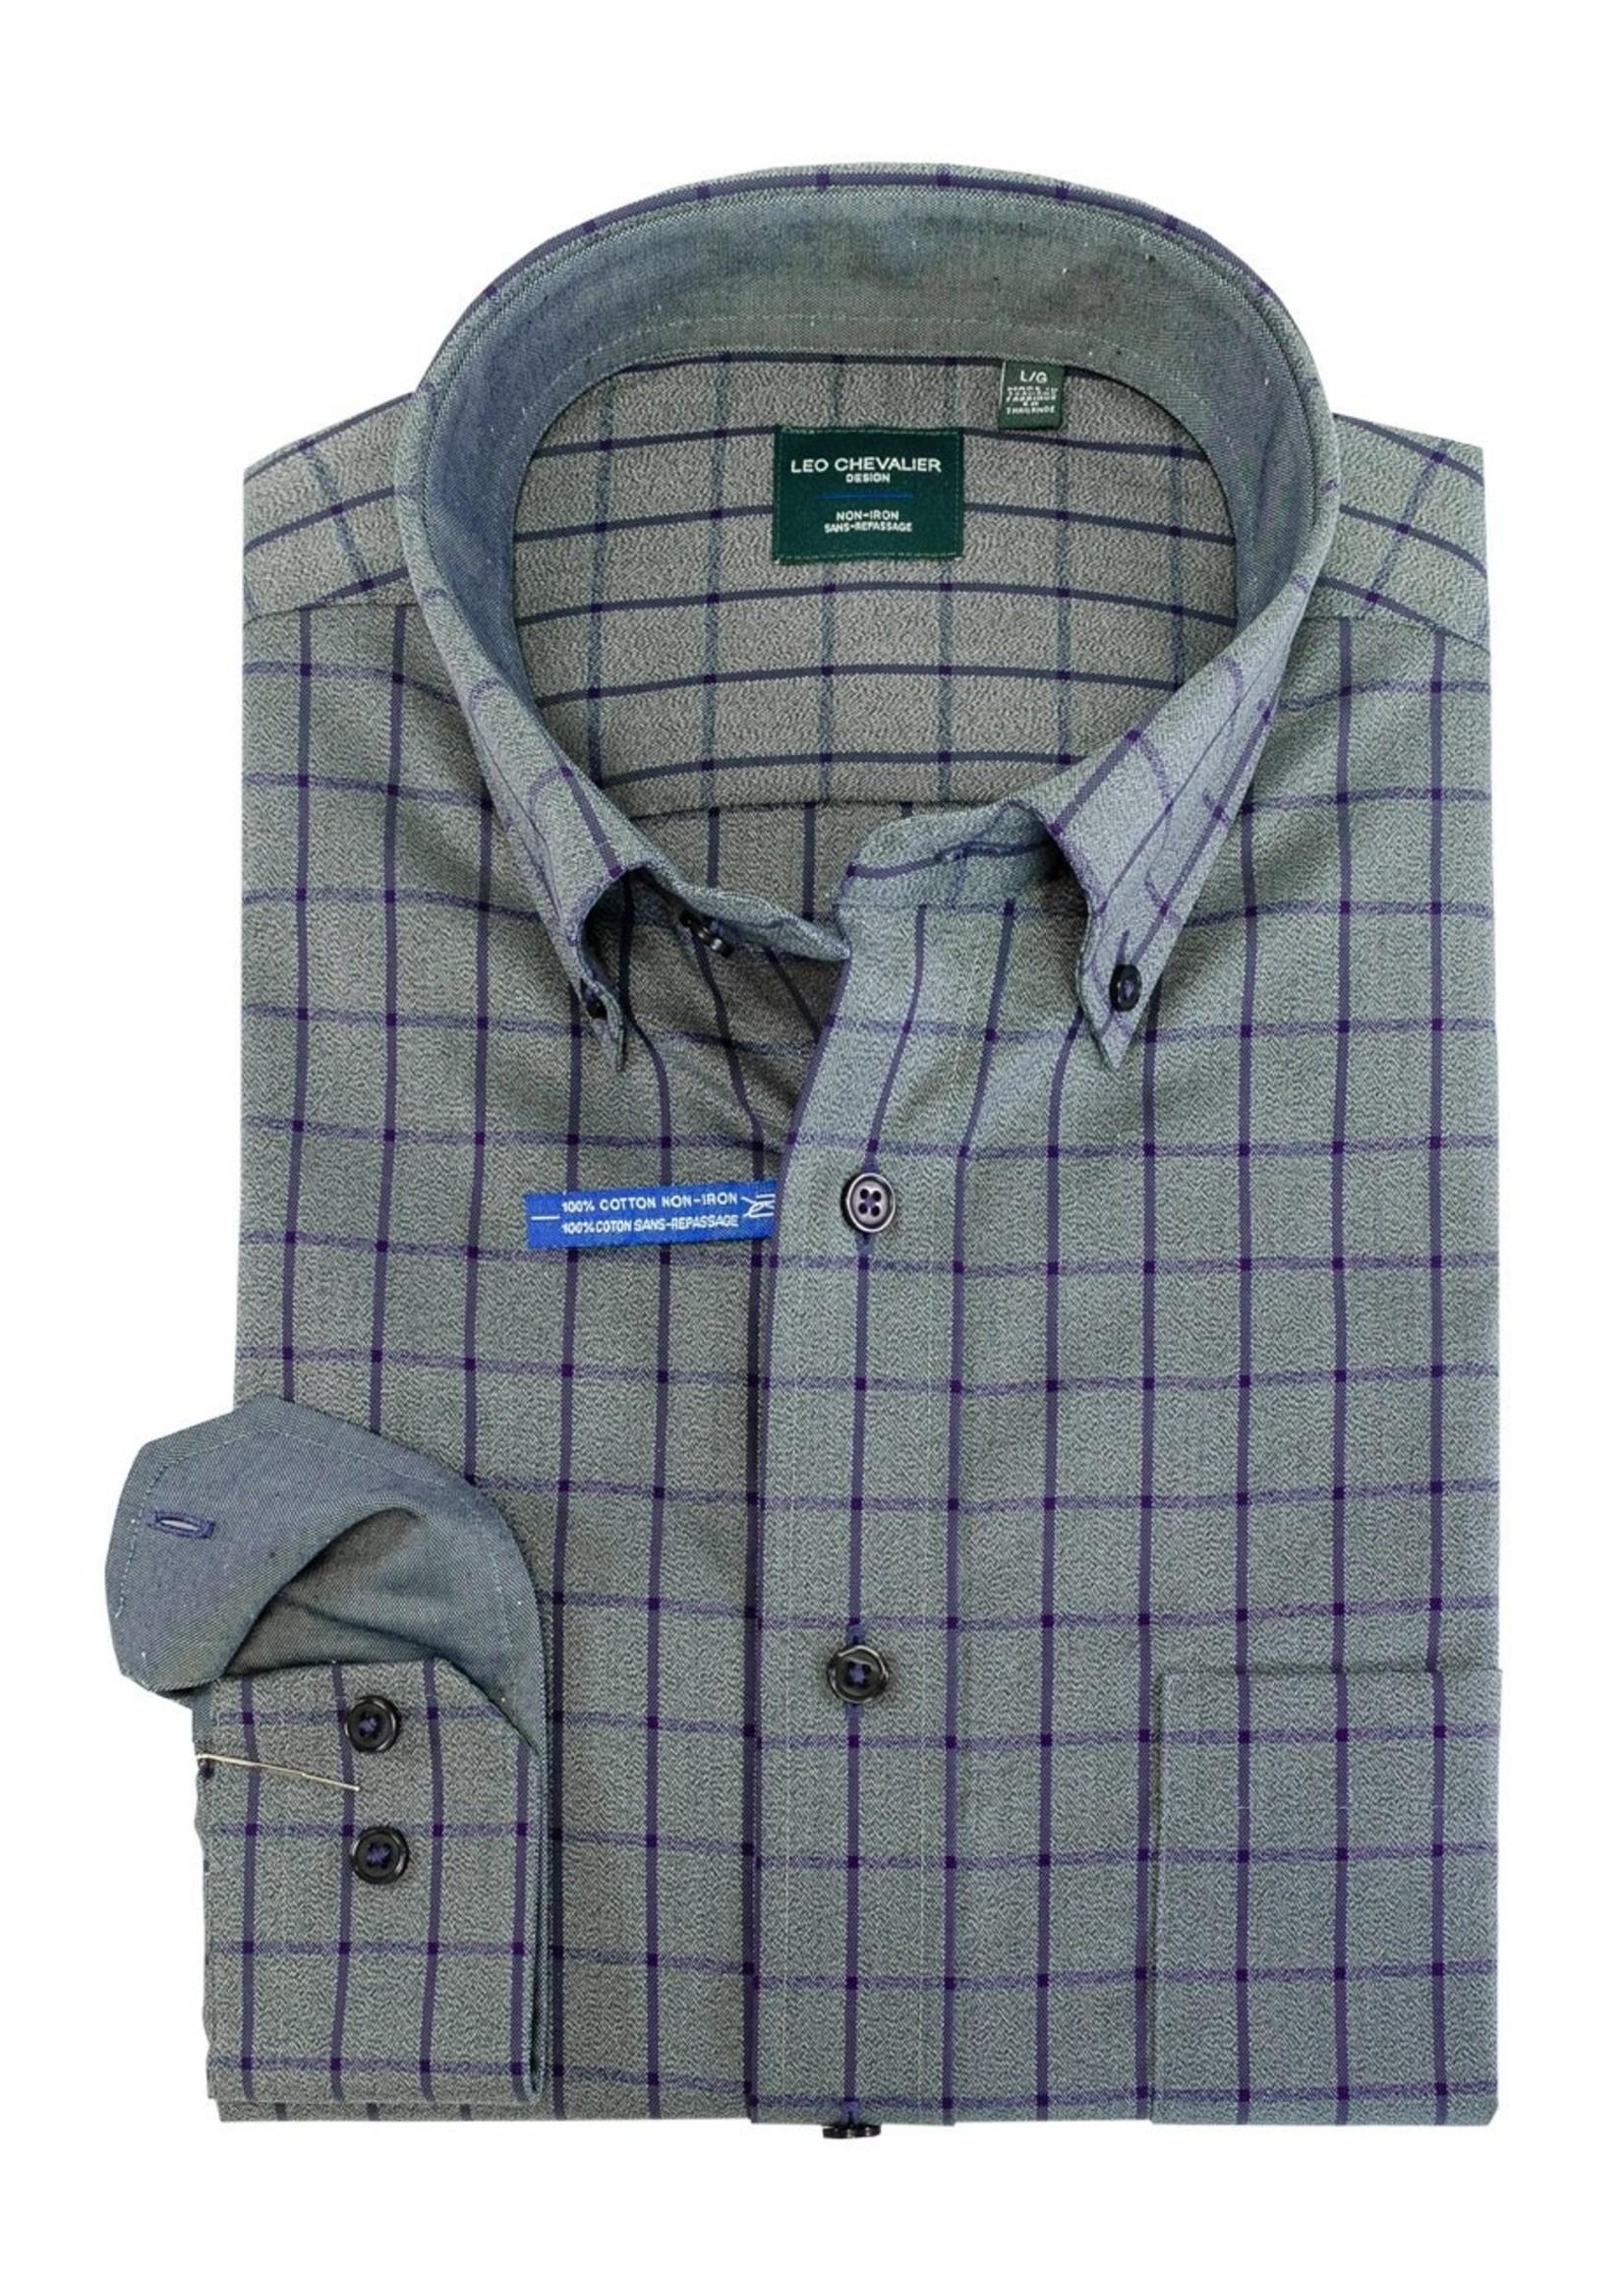 Leo Chevalier 523485 Leo Shirt